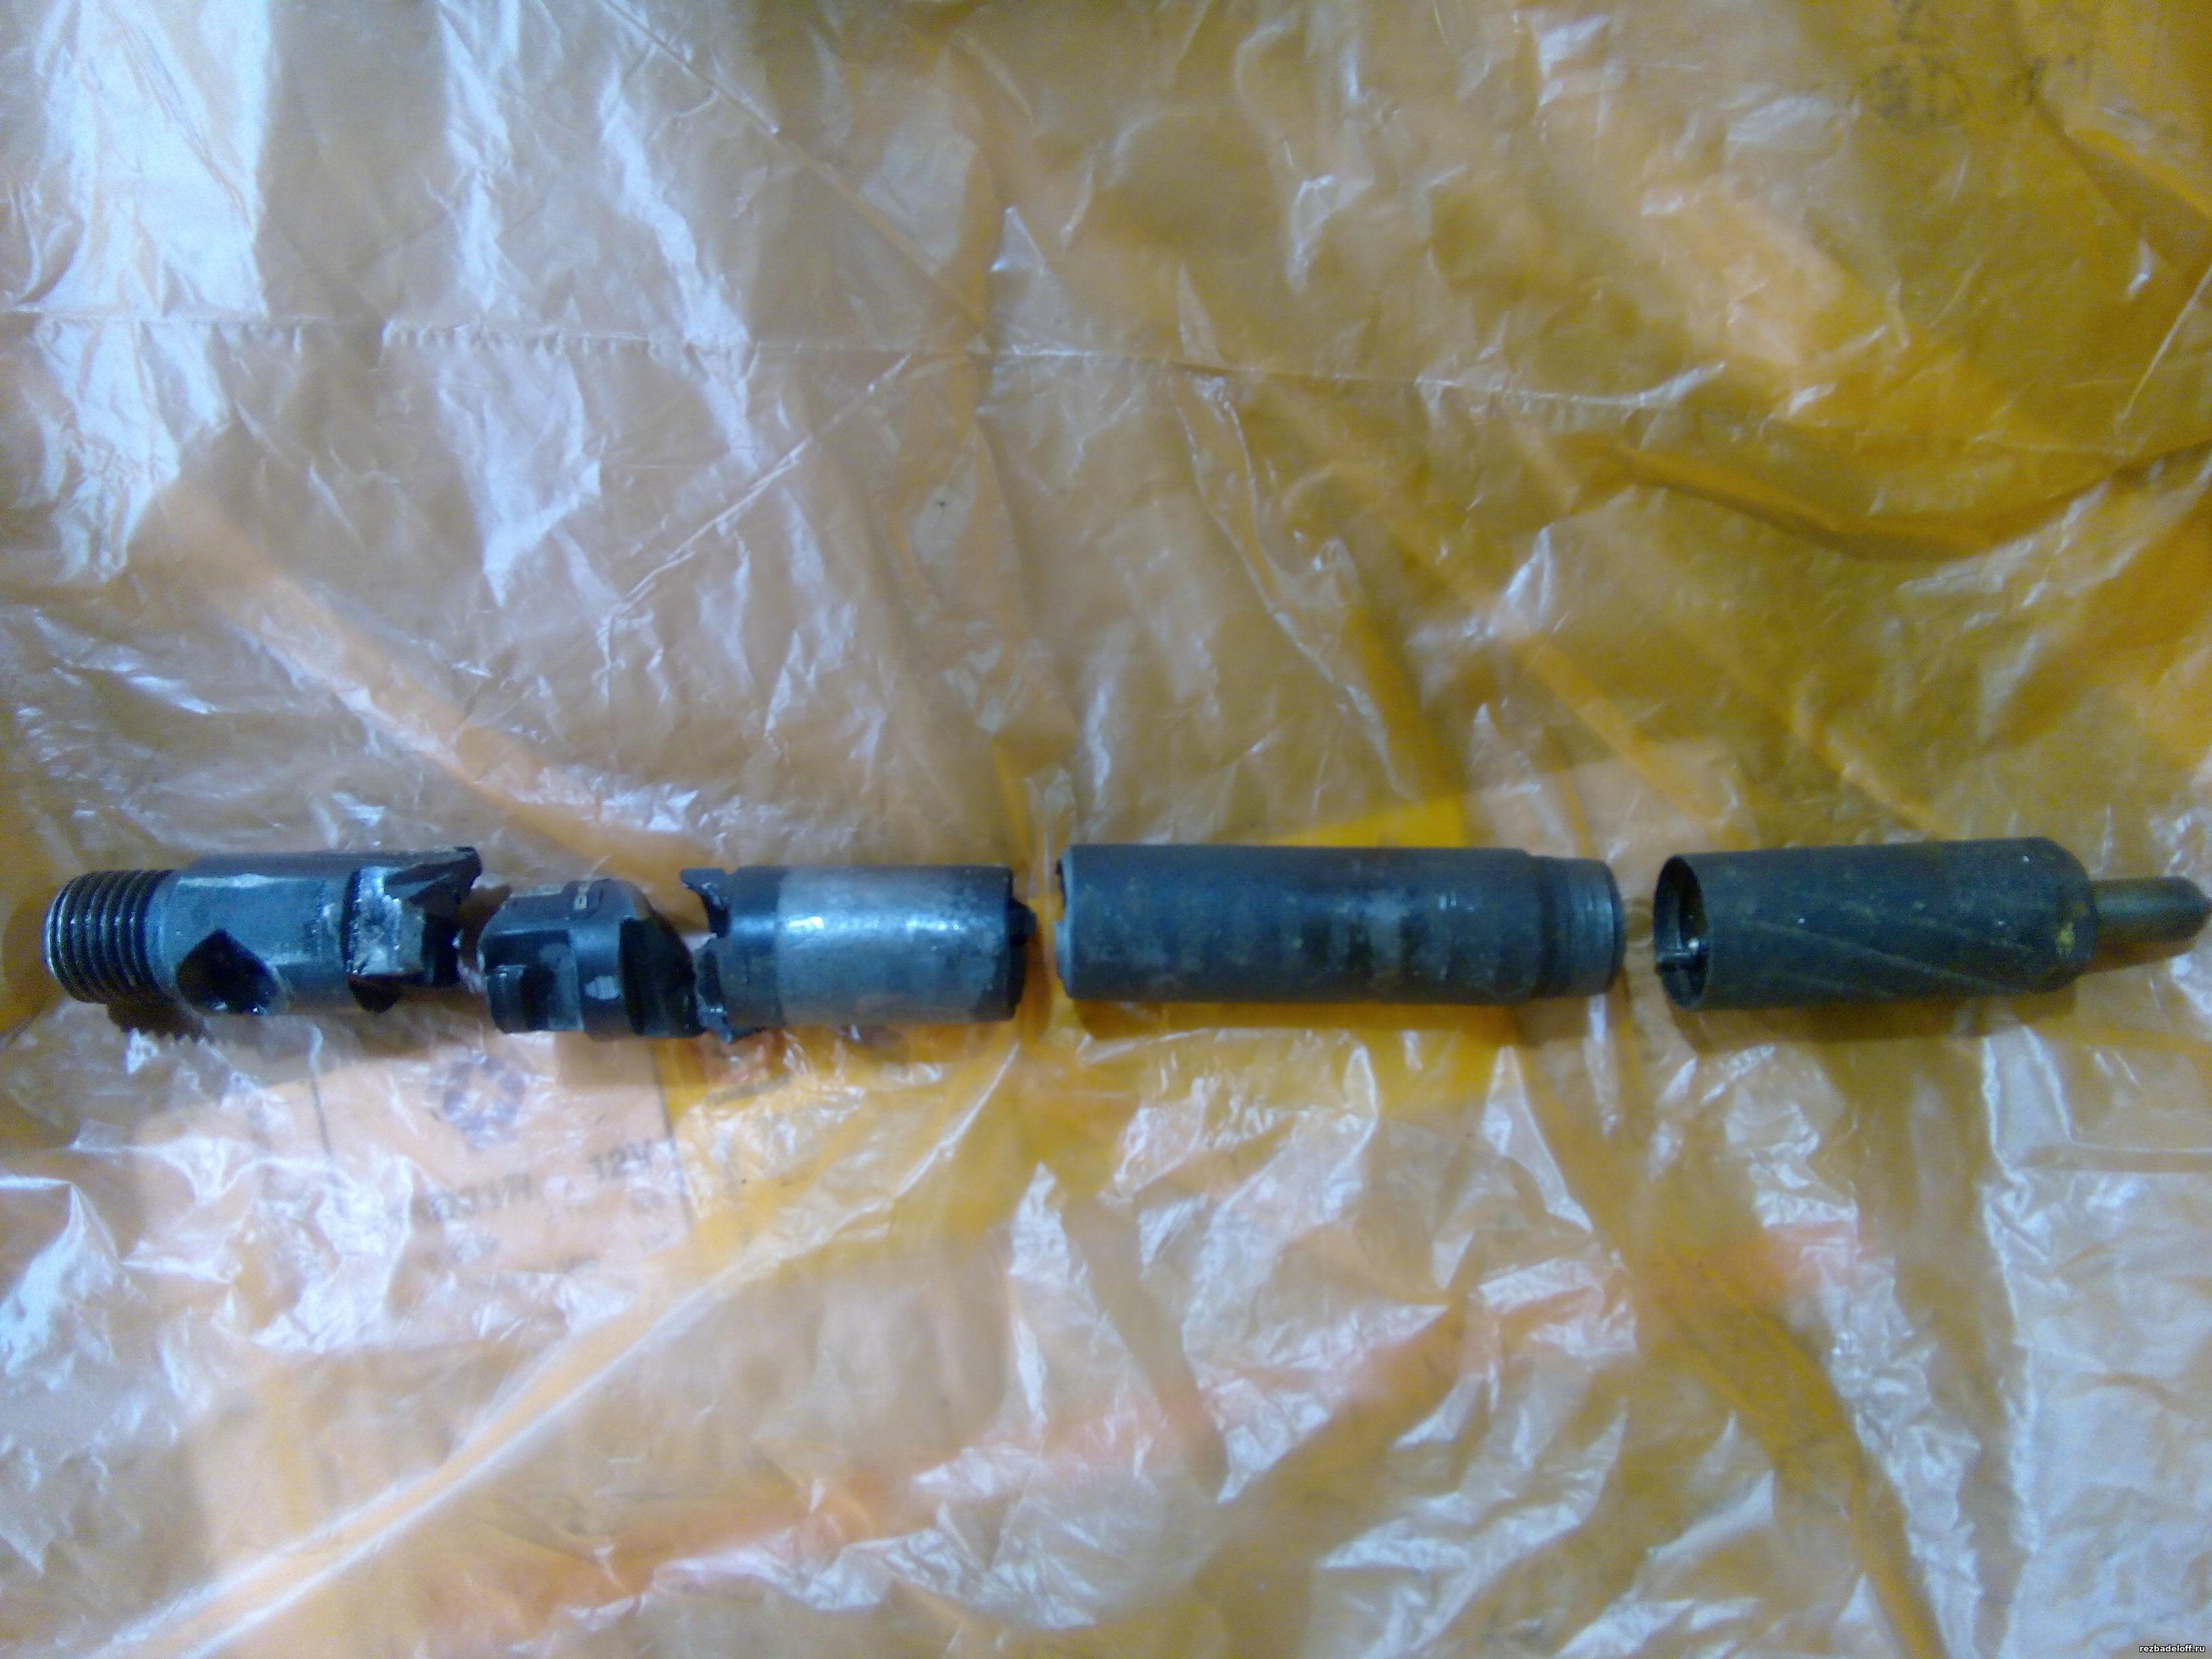 Обломанная топливная форсунка 4-го цилиндра кайрон по электрической части.